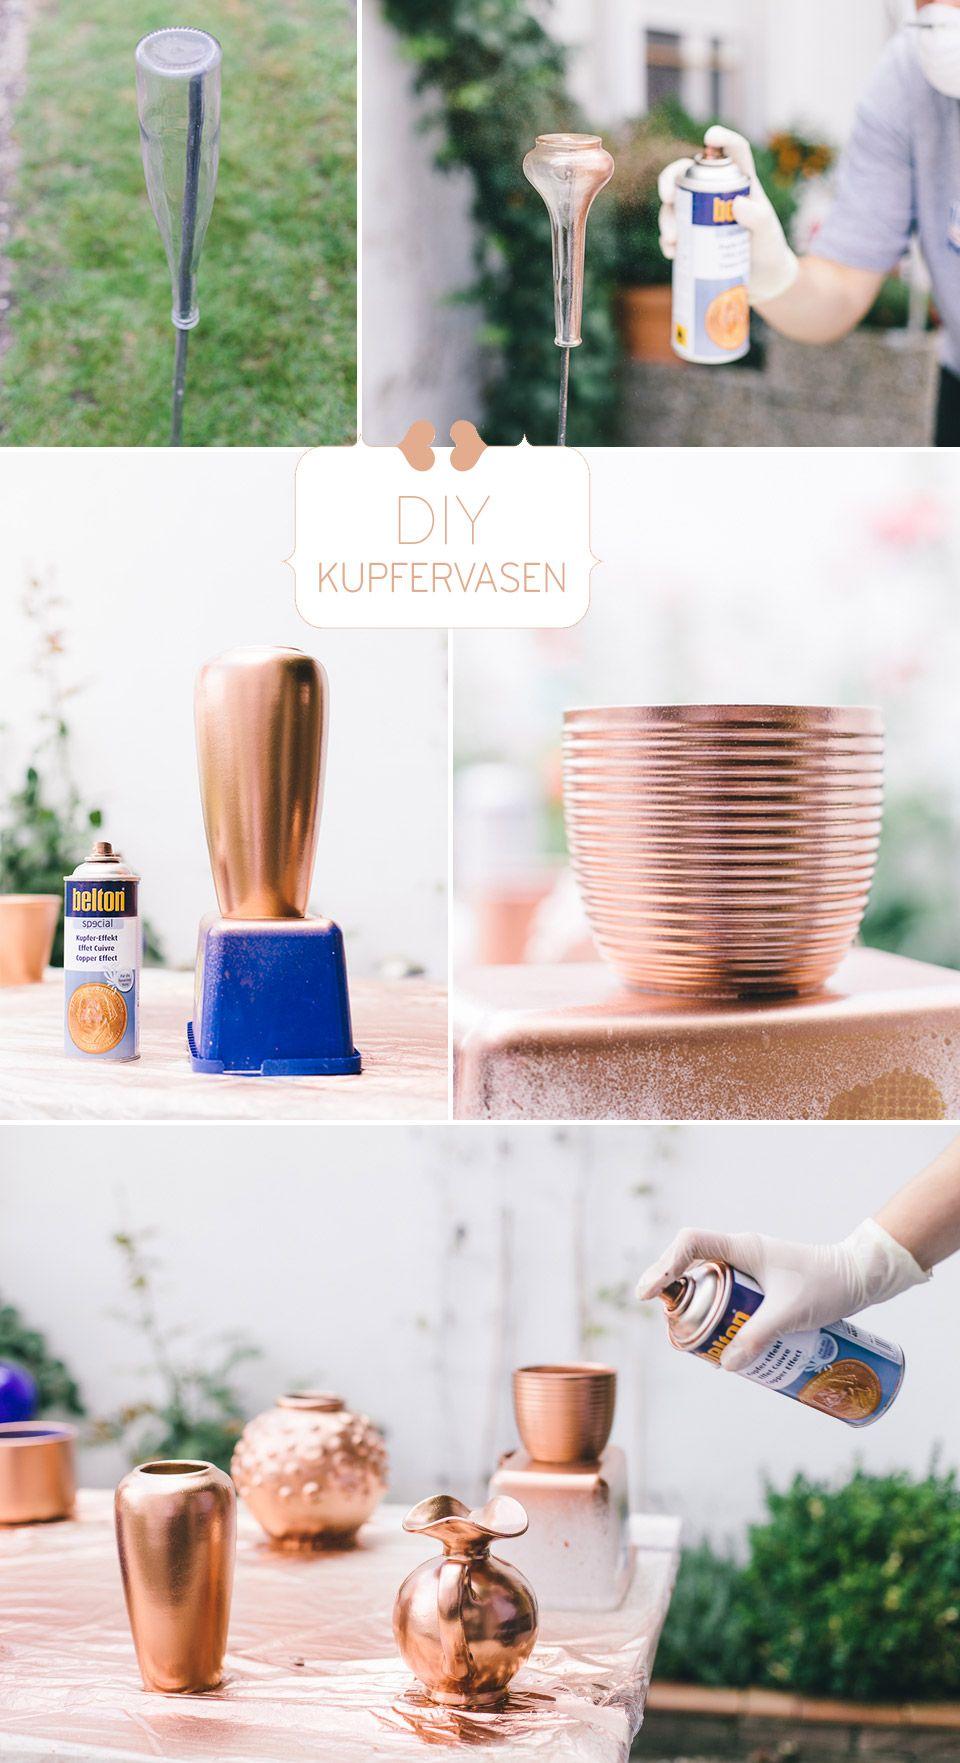 Kupfervasen Diy Von Vergissmeinnicht Fotografie Zum Ausprobieren